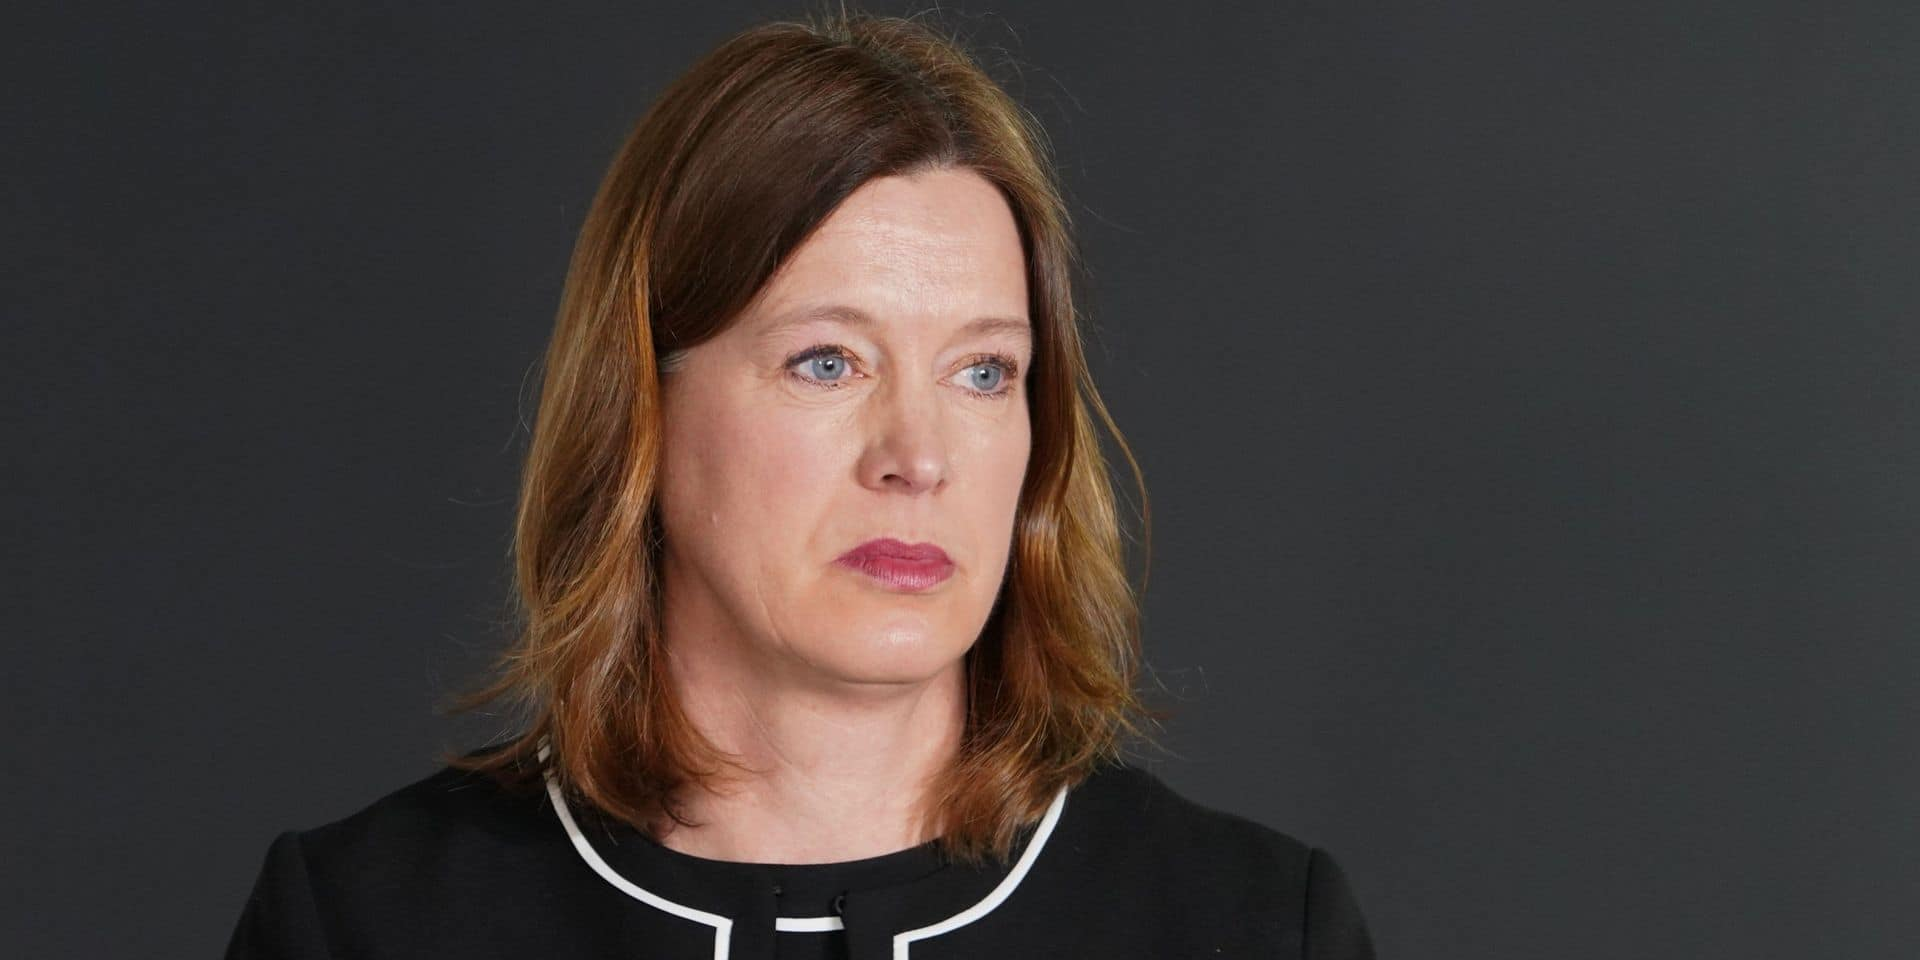 La principale conseillère écossaise dans la crise du coronavirus démissionne après avoir enfreint... ses propres règles de confinement